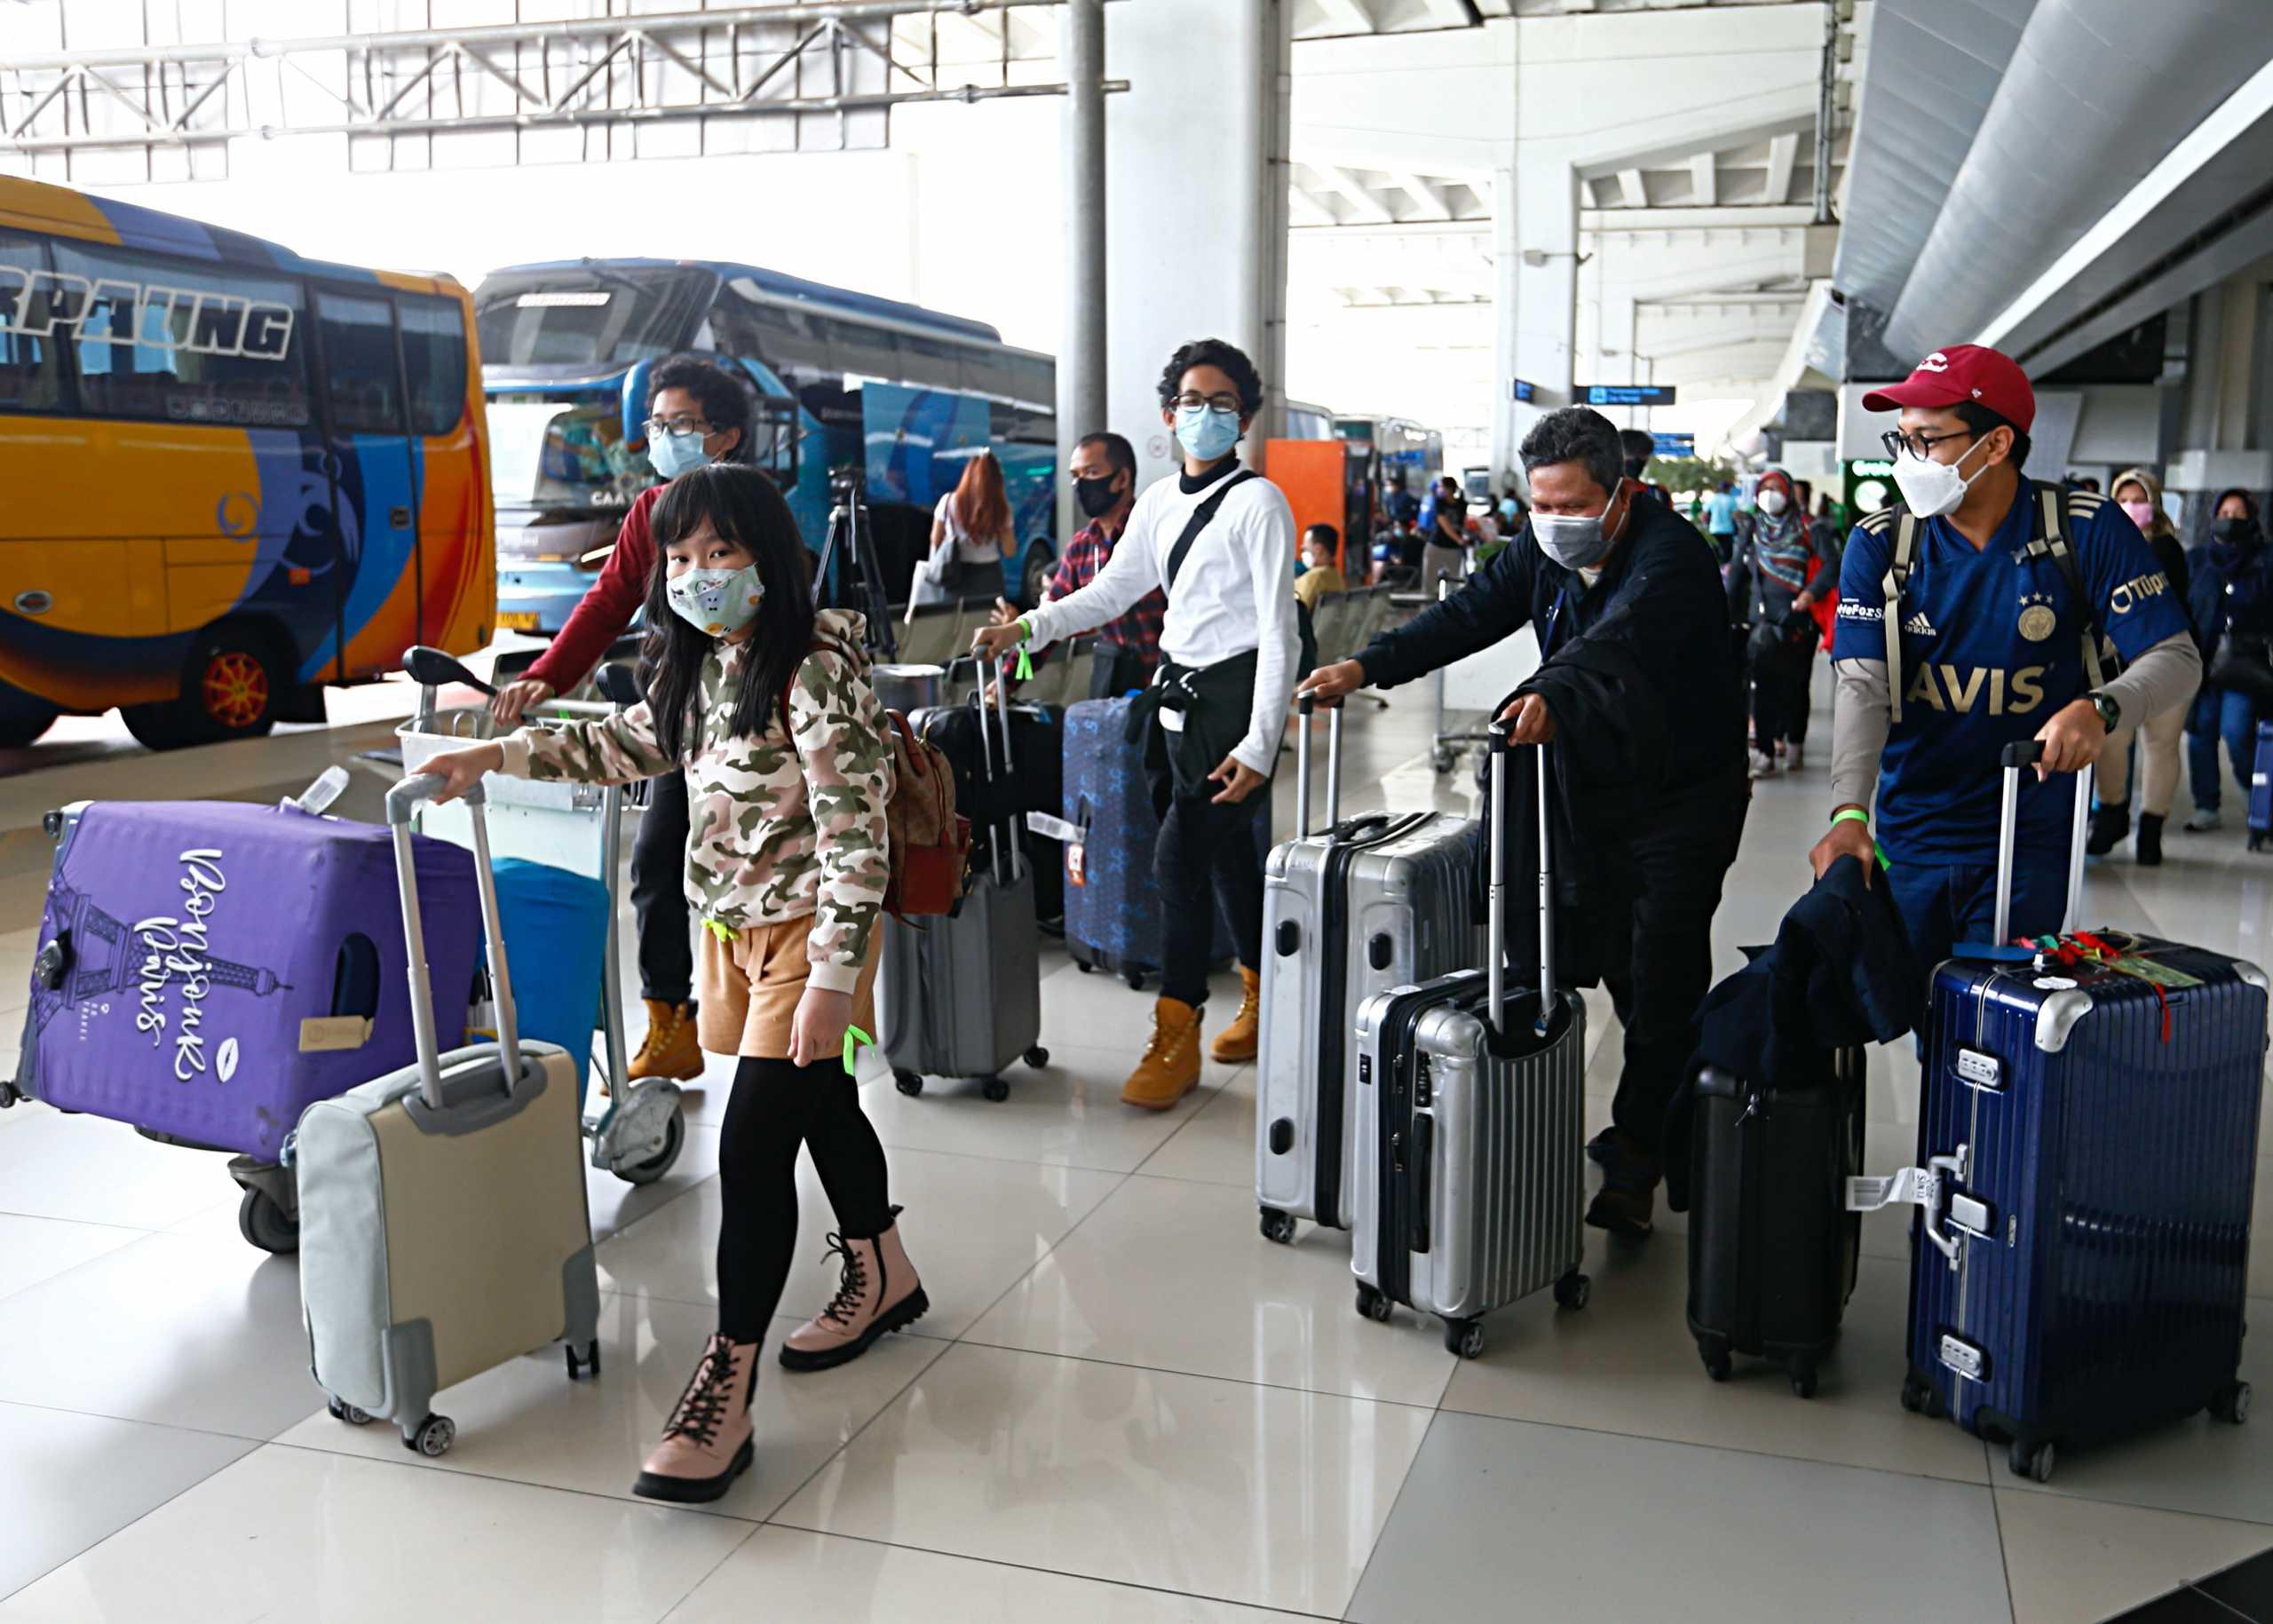 Κορονοϊός: Οι Φιλιππίνες απαγορεύουν την είσοδο ταξιδιωτών από τις ΗΠΑ από 3 Ιανουαρίου